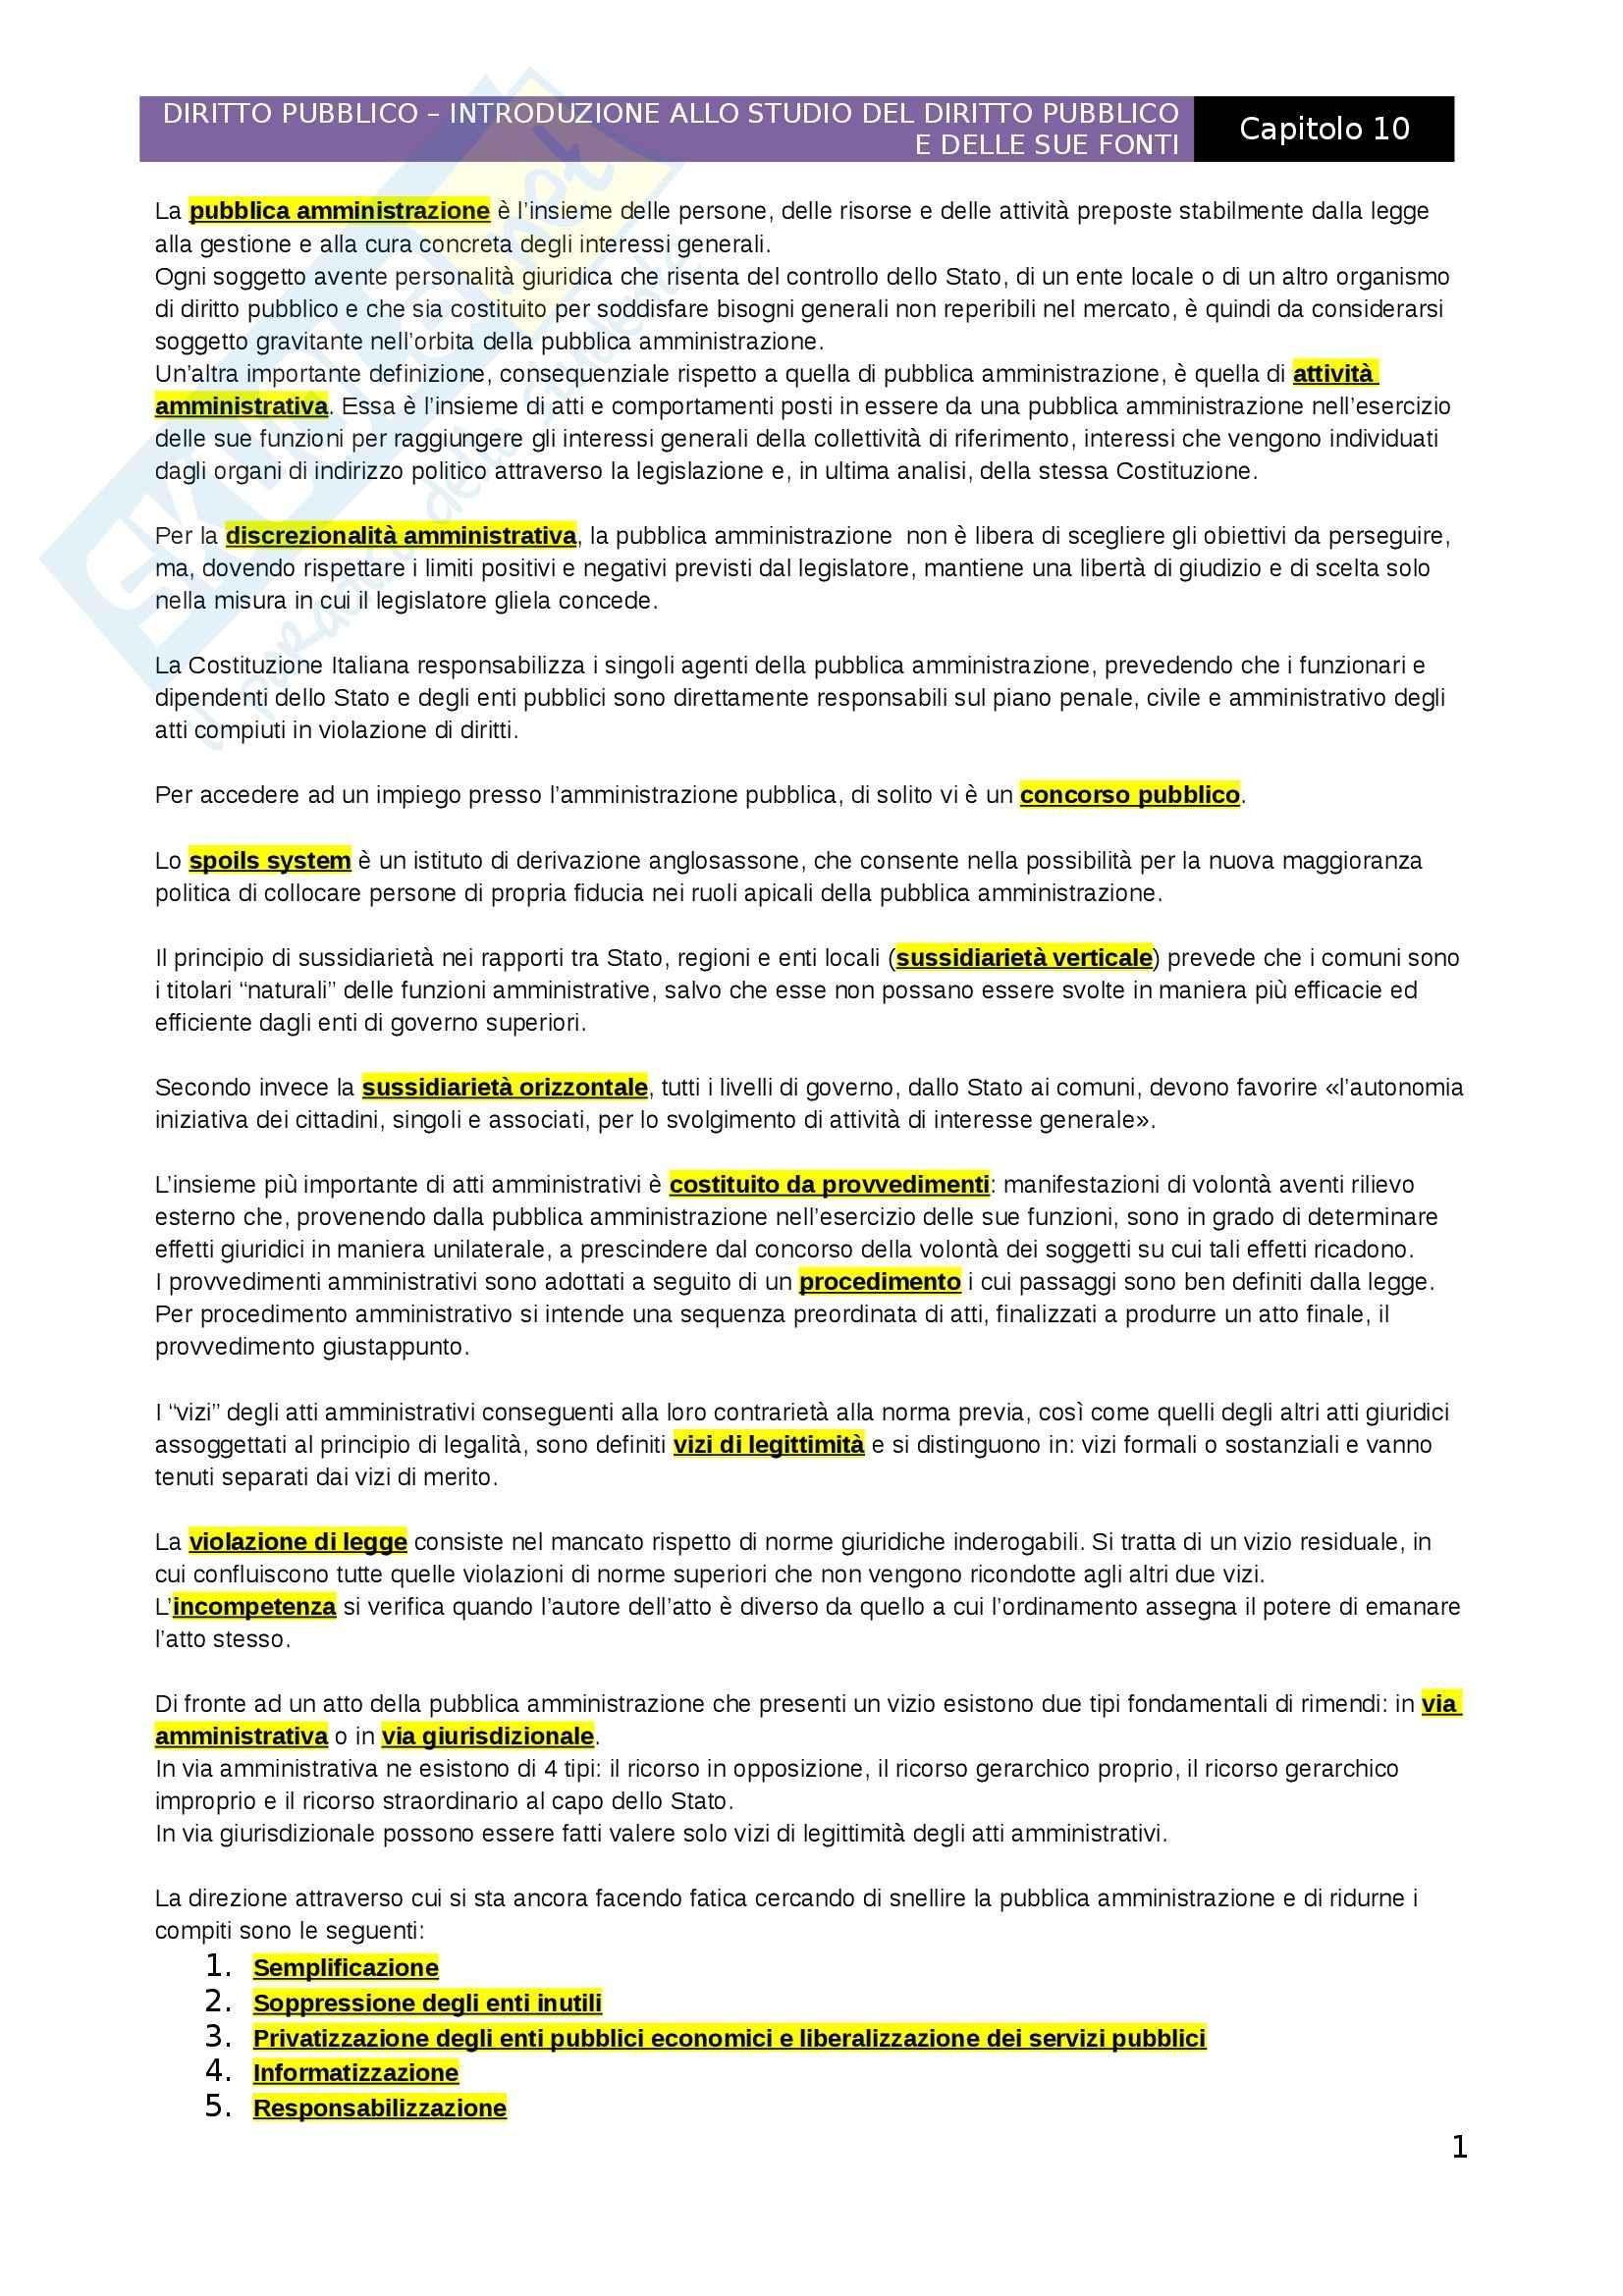 Introduzione allo studio del diritto pubblico e delle sue fonti, Capitolo 10